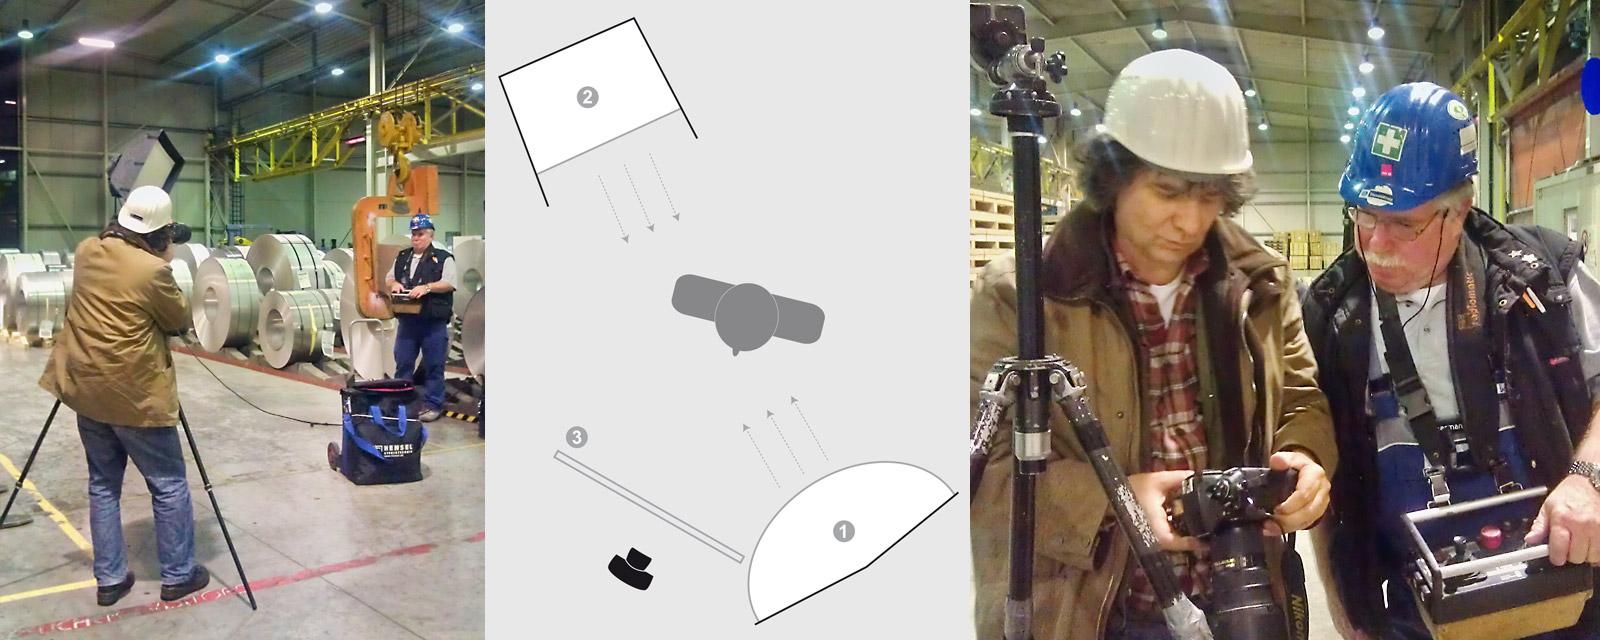 On location mit Porty Akkublitzanlage in der Lagerhalle von Thyssen-Edelstahl. Der letzlich realisierte Lichtaufbau bei diesem Portrait: Softstar-Schirm (1) als Hauptlicht von links, weiche helle Kante mit Softbox (2) von hinten und Aufhellung mit Styroporplatte bzw. Faltreflektor, der das Streulicht des gewölbten Schirms einfängt und von unten auf das Motiv reflektiert. Handyfotos Michaela Ruhfus und Grafik Hediye Hackenberg